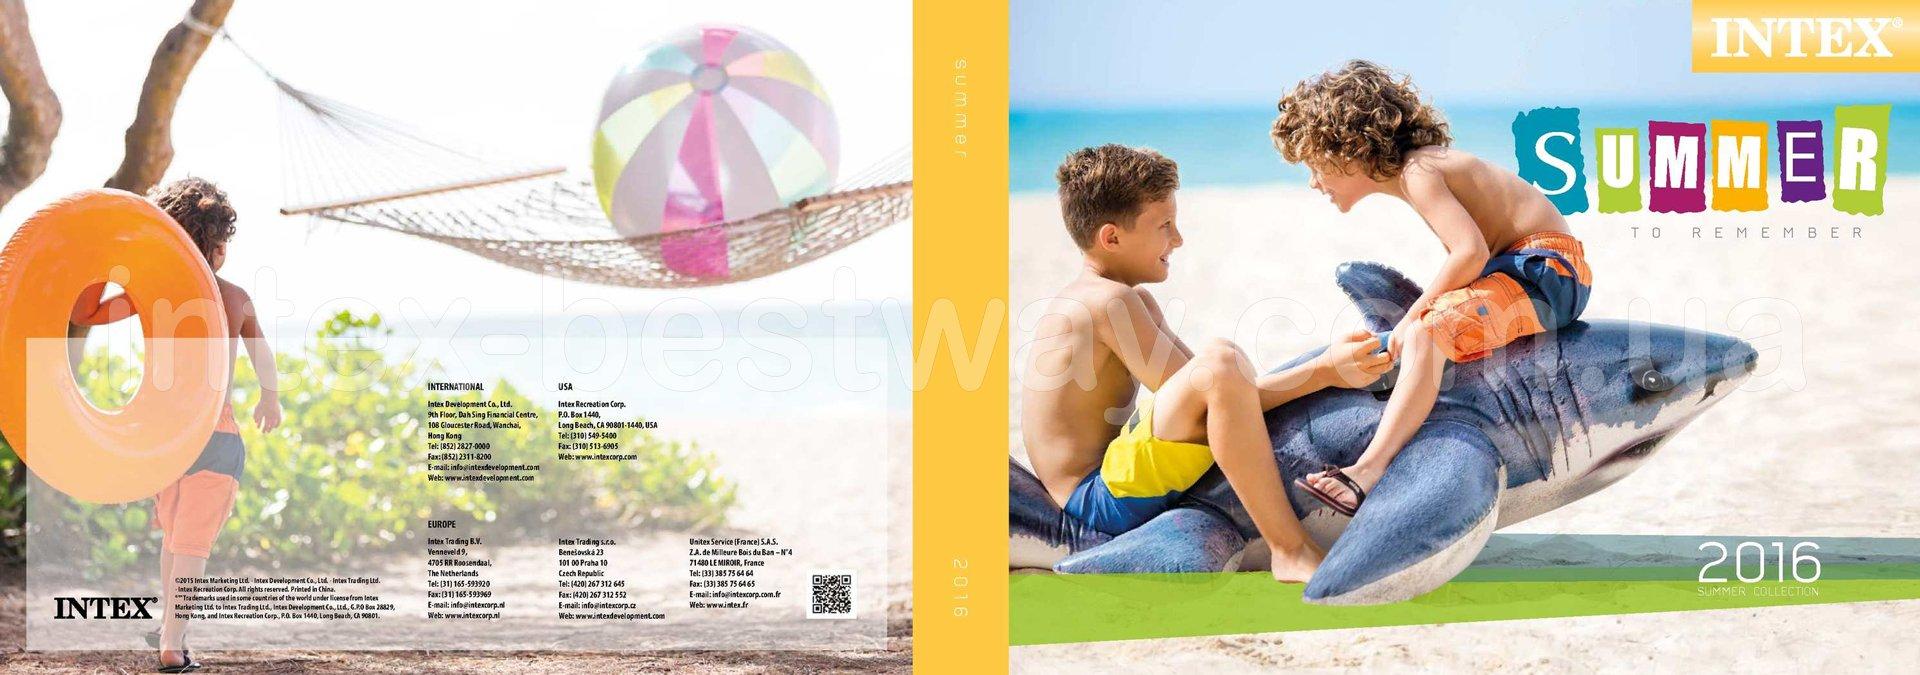 Товары Intex для отдыха на воде, надувные изделия Intex 2016